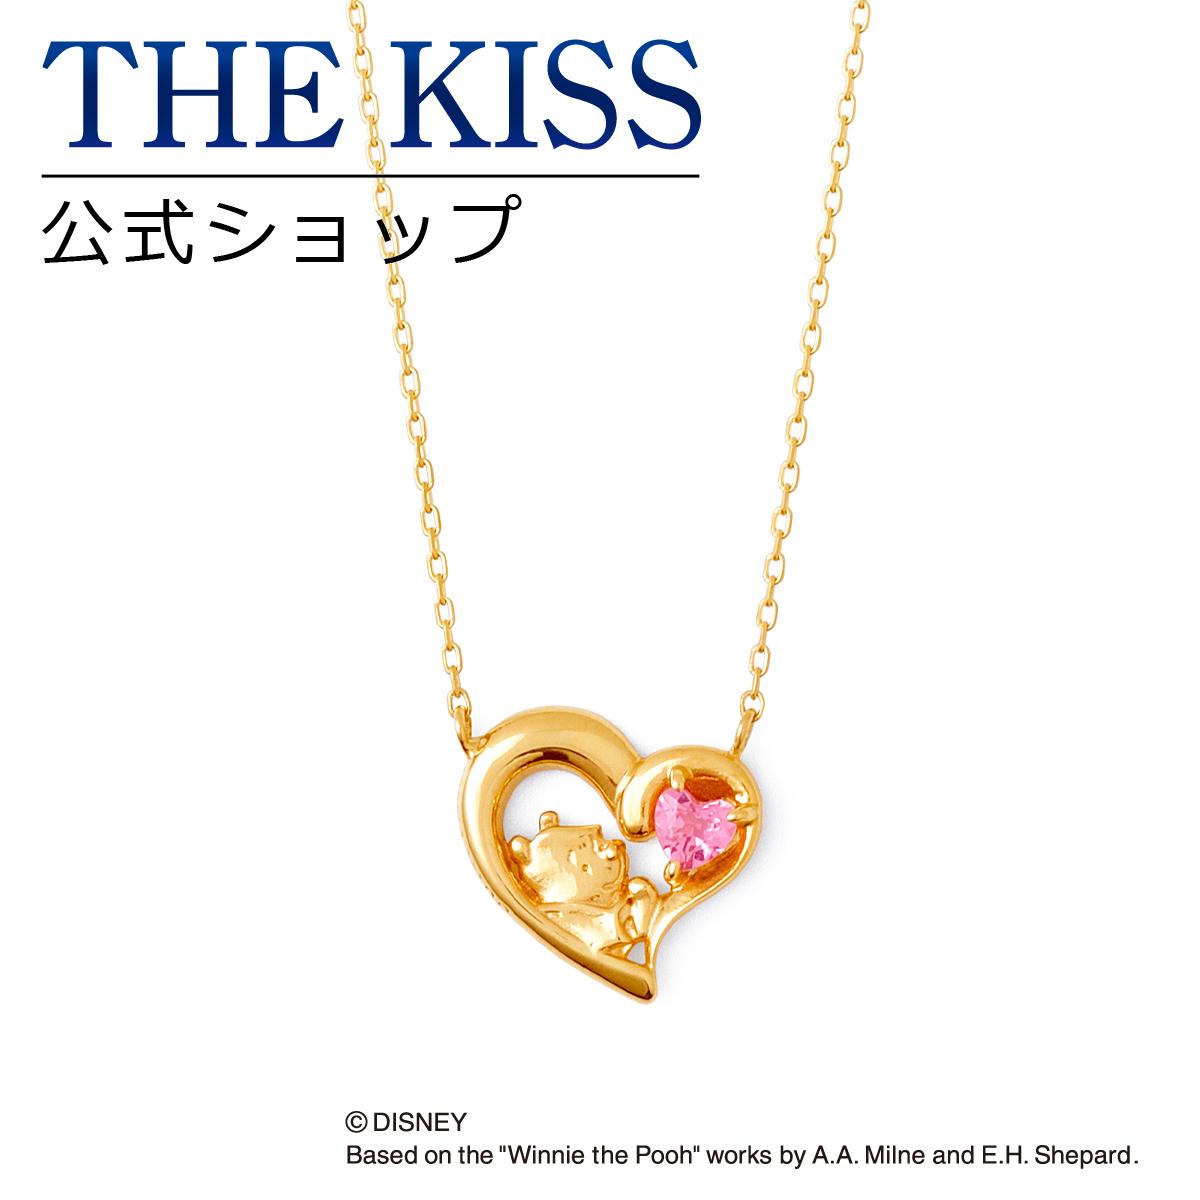 【あす楽対応】【ディズニーコレクション】 ディズニー / ネックレス / くまのプーさん / THE KISS ネックレス・ペンダント K10 イエローゴールド ダイヤモンド (レディース) DI-YN2702PT ザキス 【送料無料】【Disneyzone】